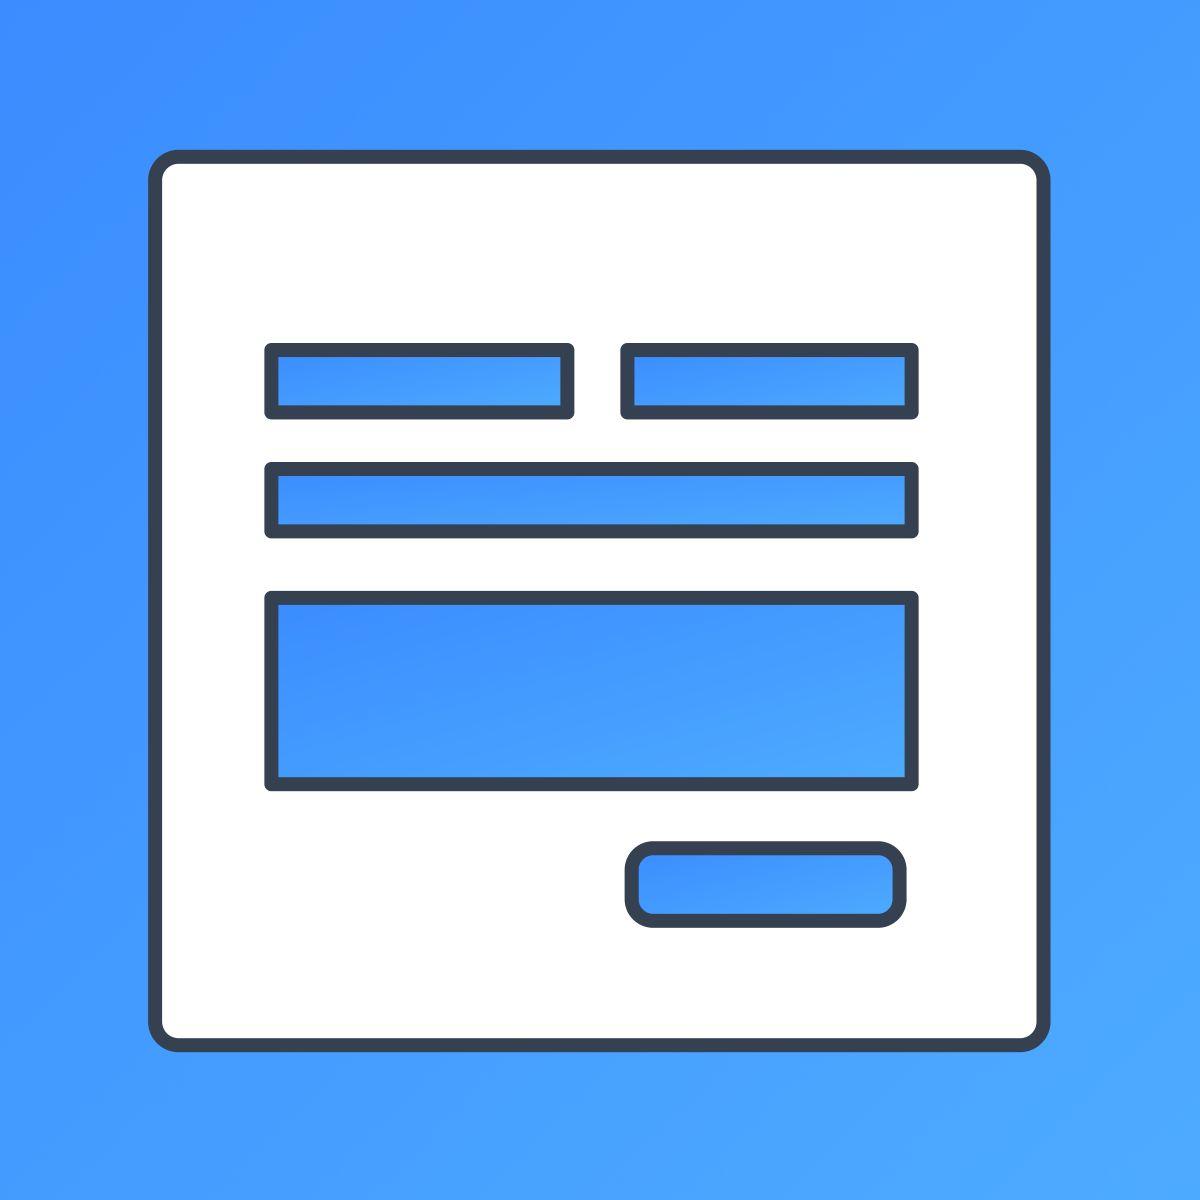 Shopify Mailchimp app by Powr.io